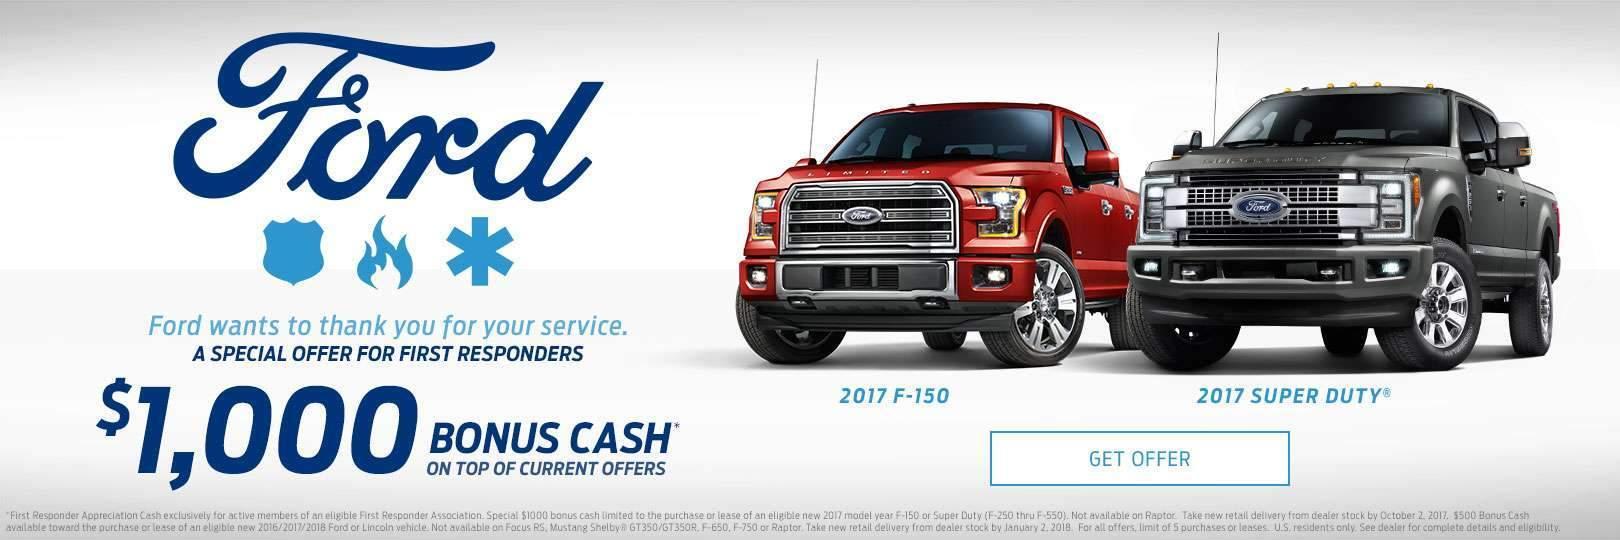 first responder cash & Ford Dealership Belleview FL | Used Cars Village Ford markmcfarlin.com